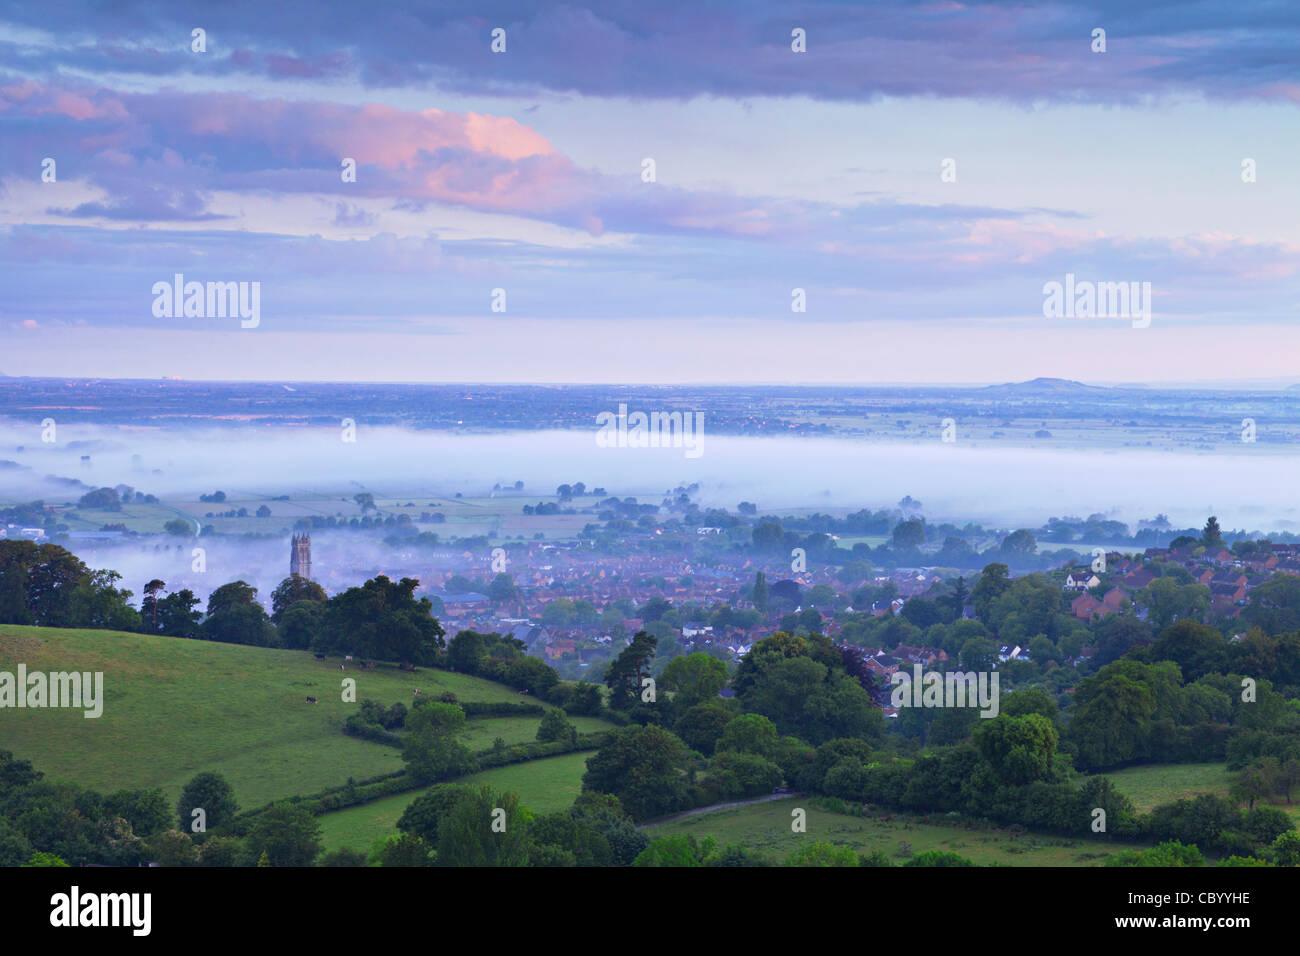 La città di Glastonbury e i livelli di Somerset e avvolto nella nebbia, da Glastonbury Tor, in pre-alba luce. Immagini Stock